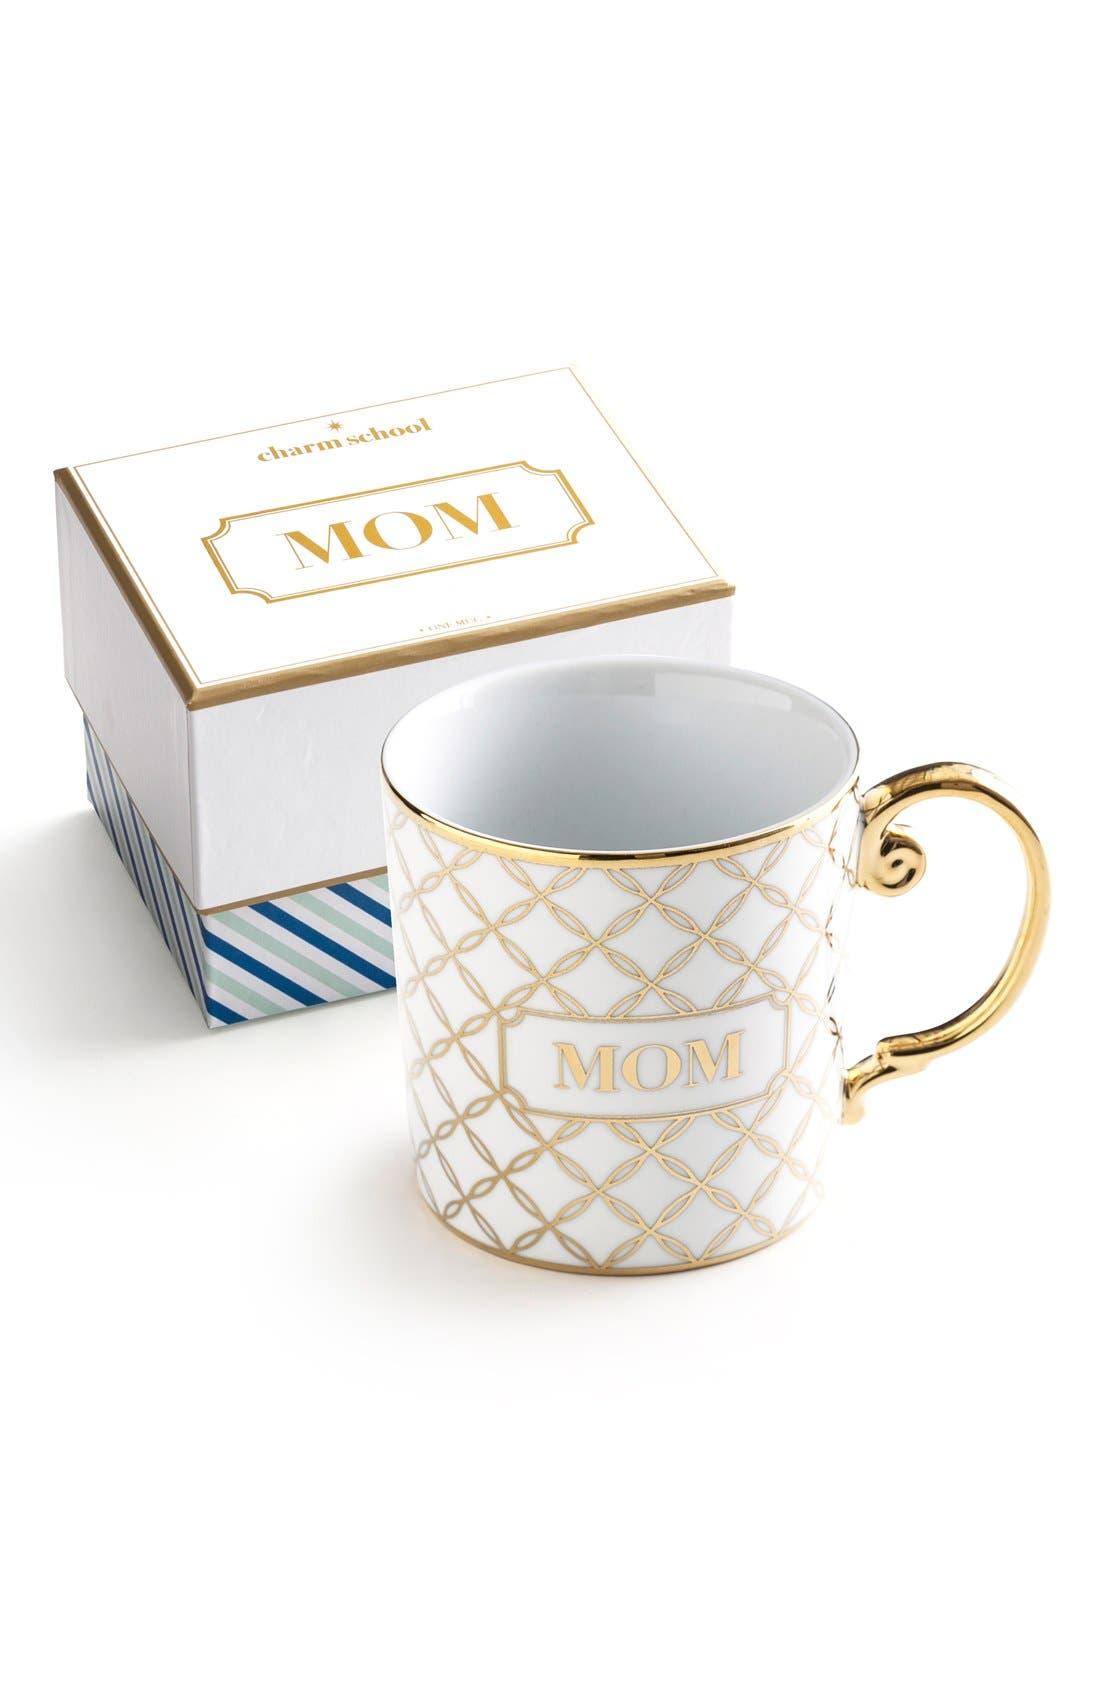 'Mom' Porcelain Coffee Mug,                             Main thumbnail 1, color,                             100